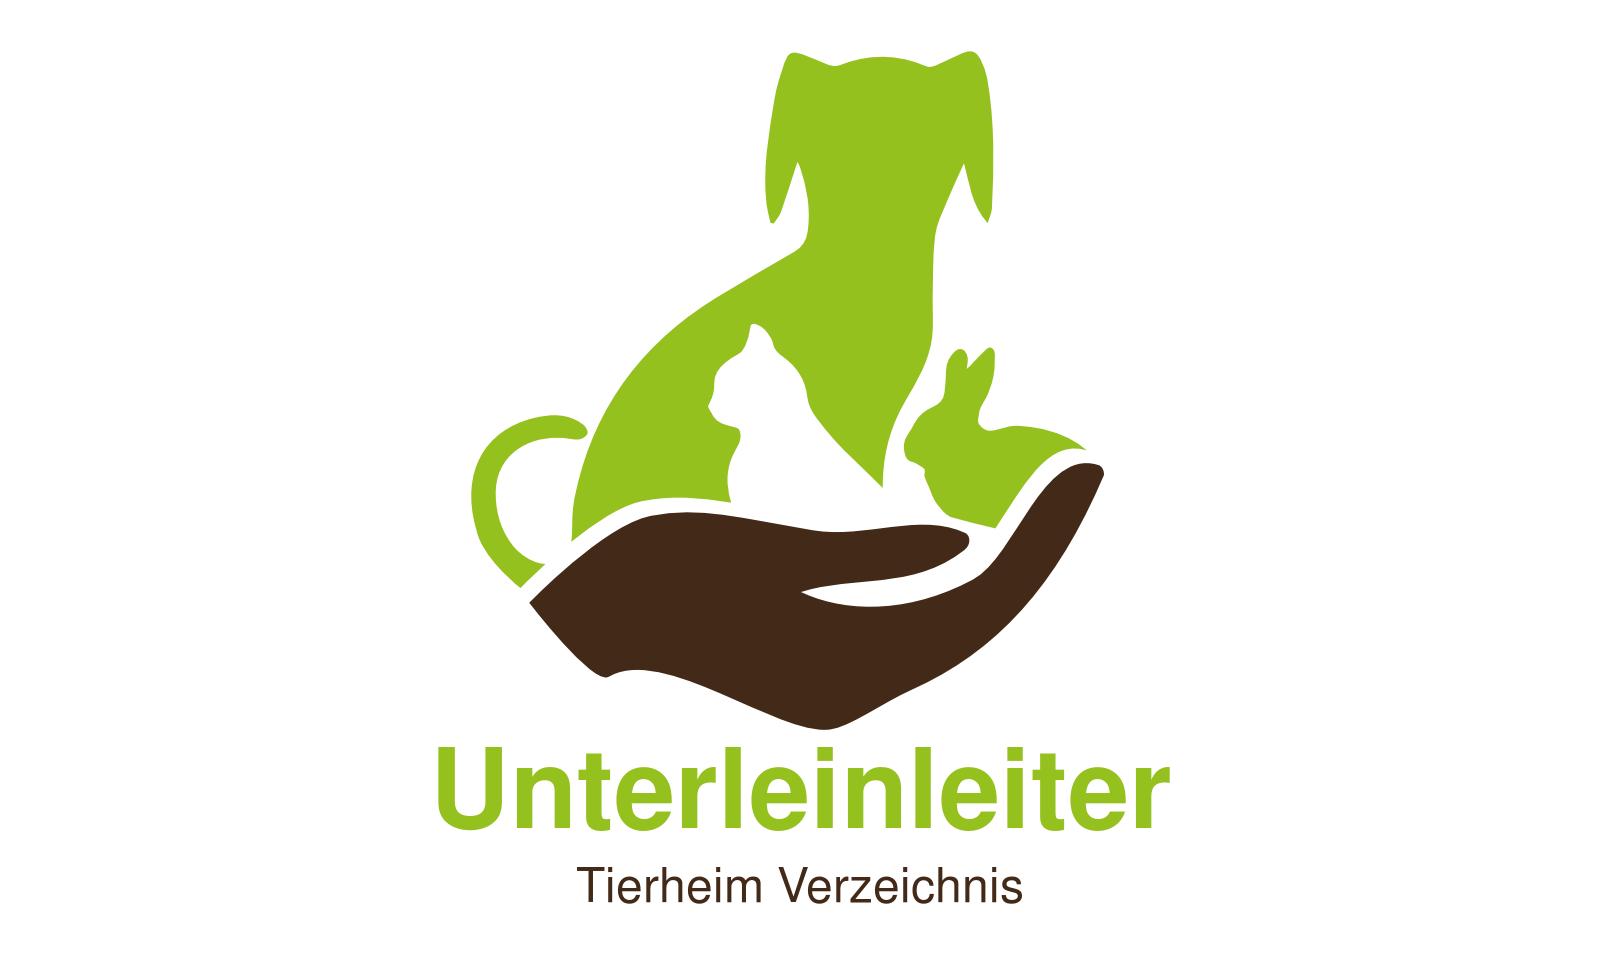 Tierheim Unterleinleiter